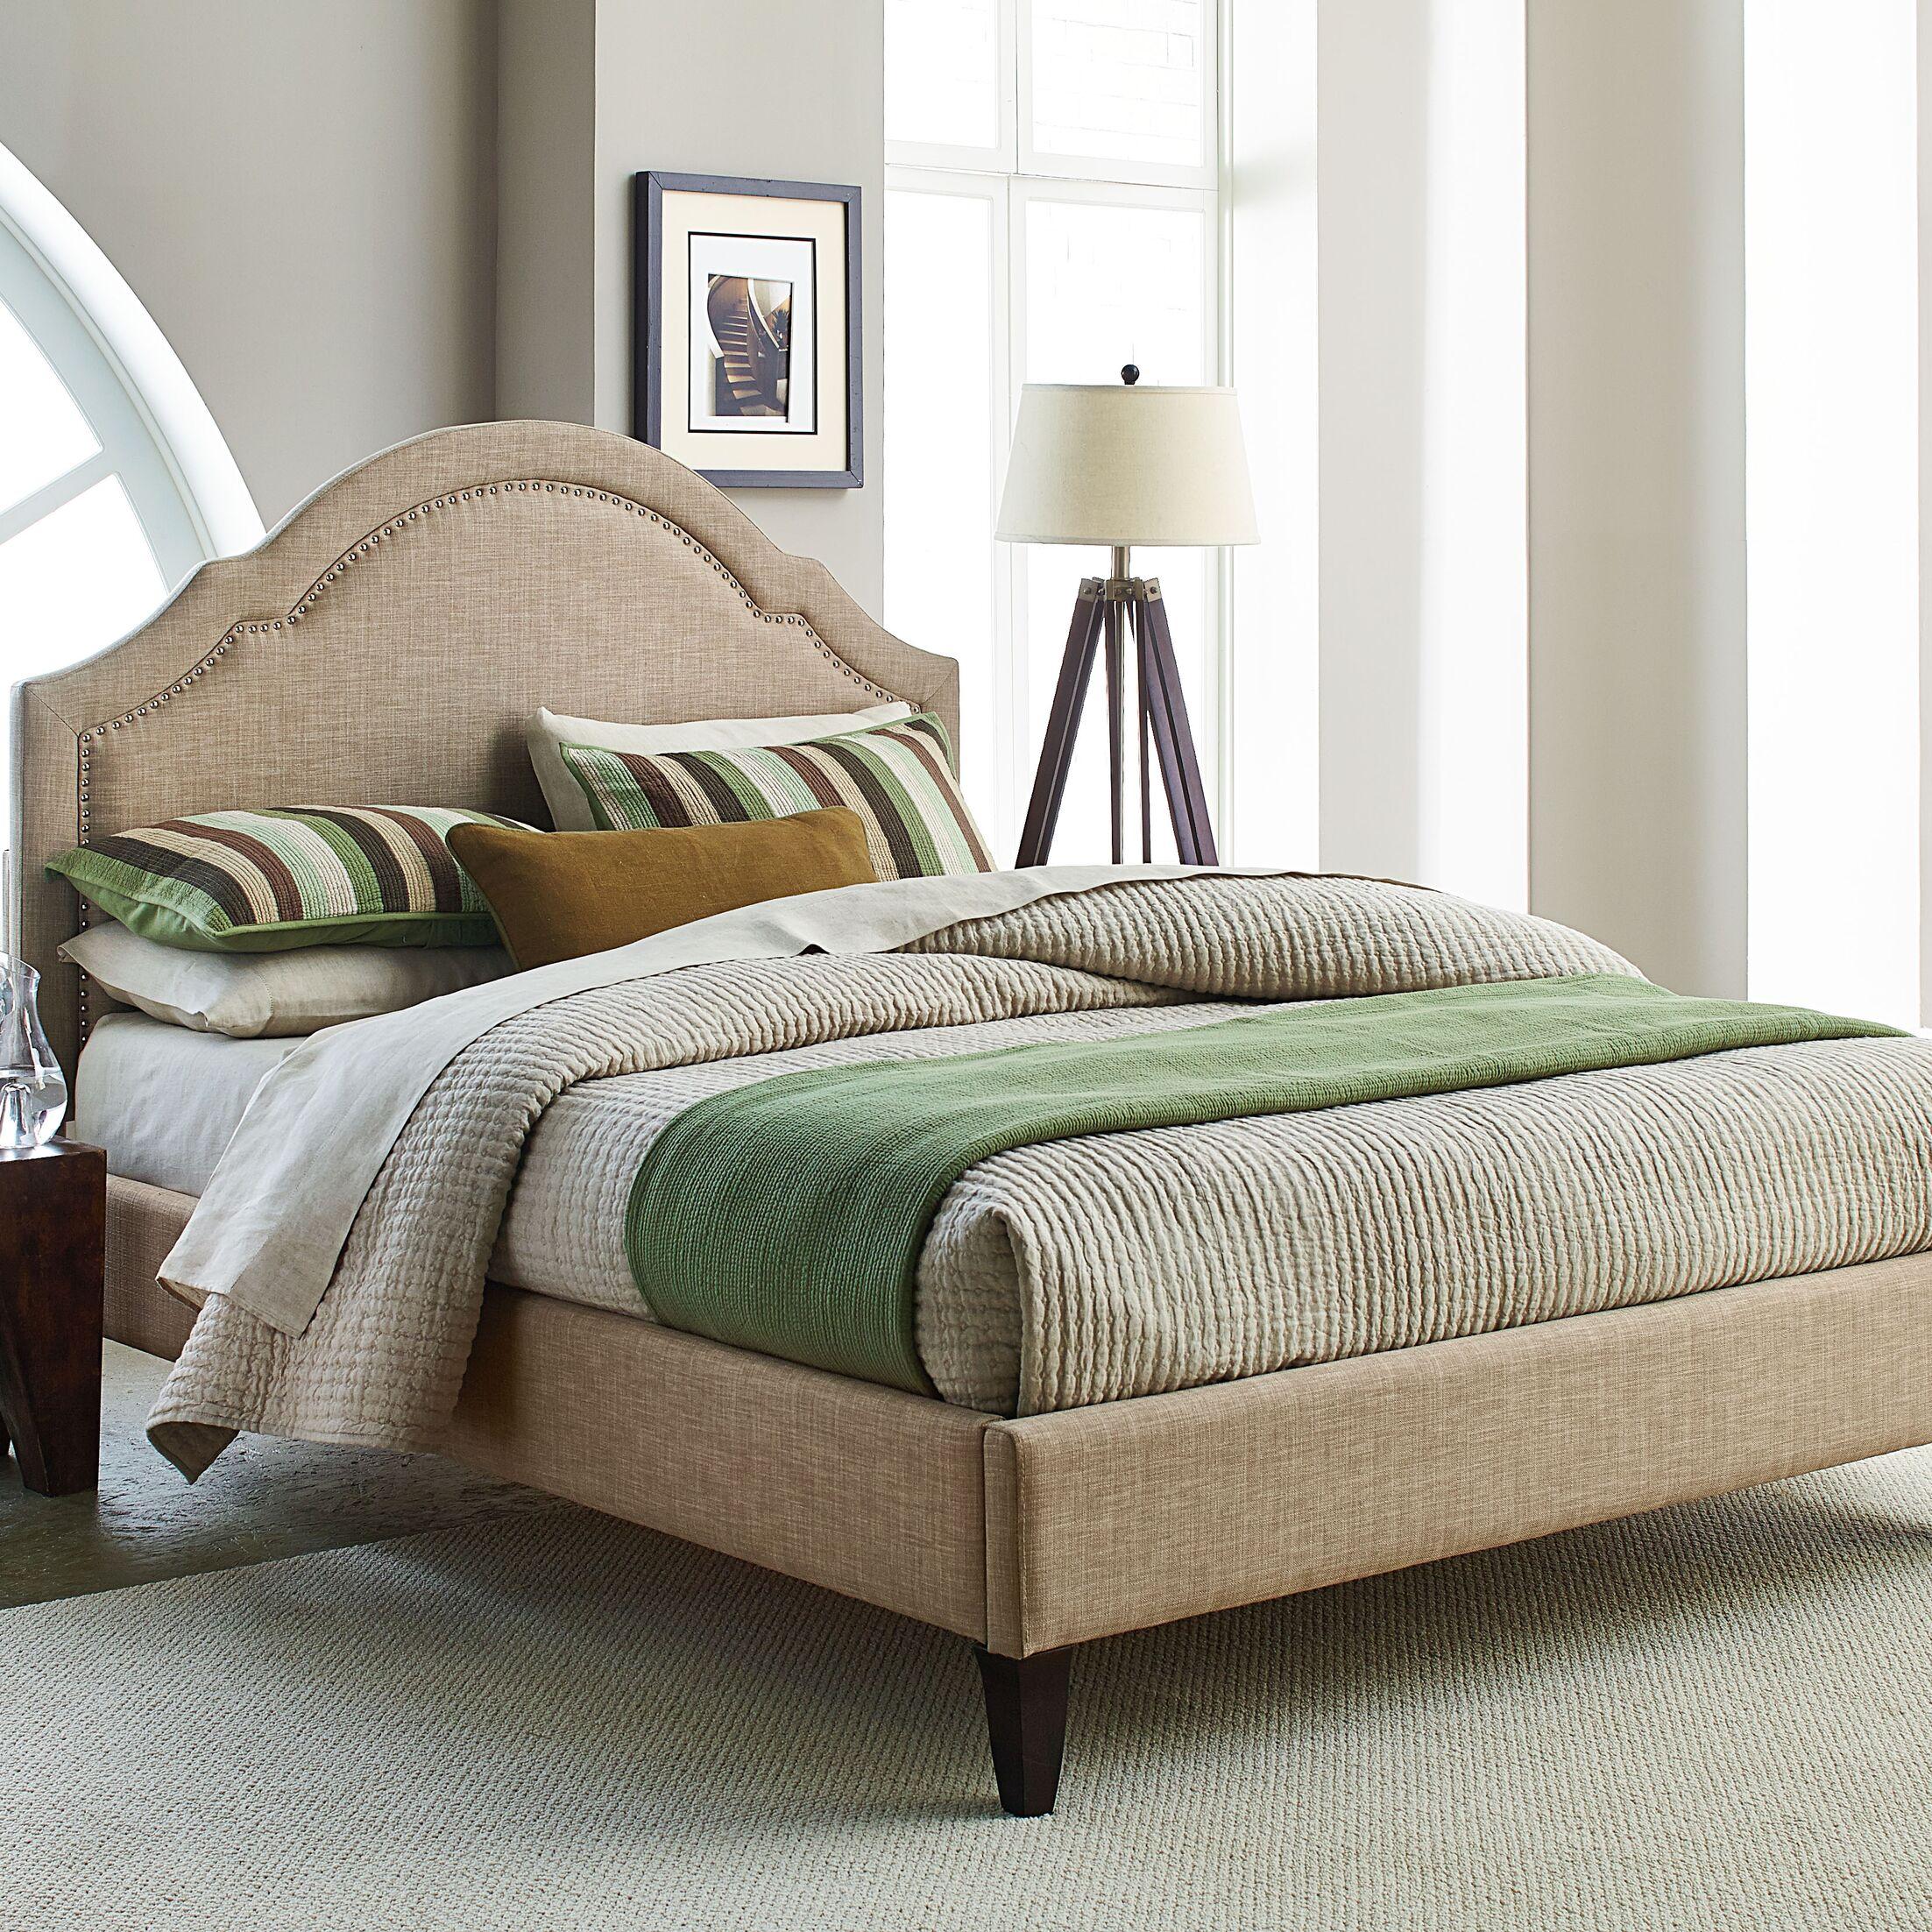 Prenda Upholstered Platform Bed Size: King